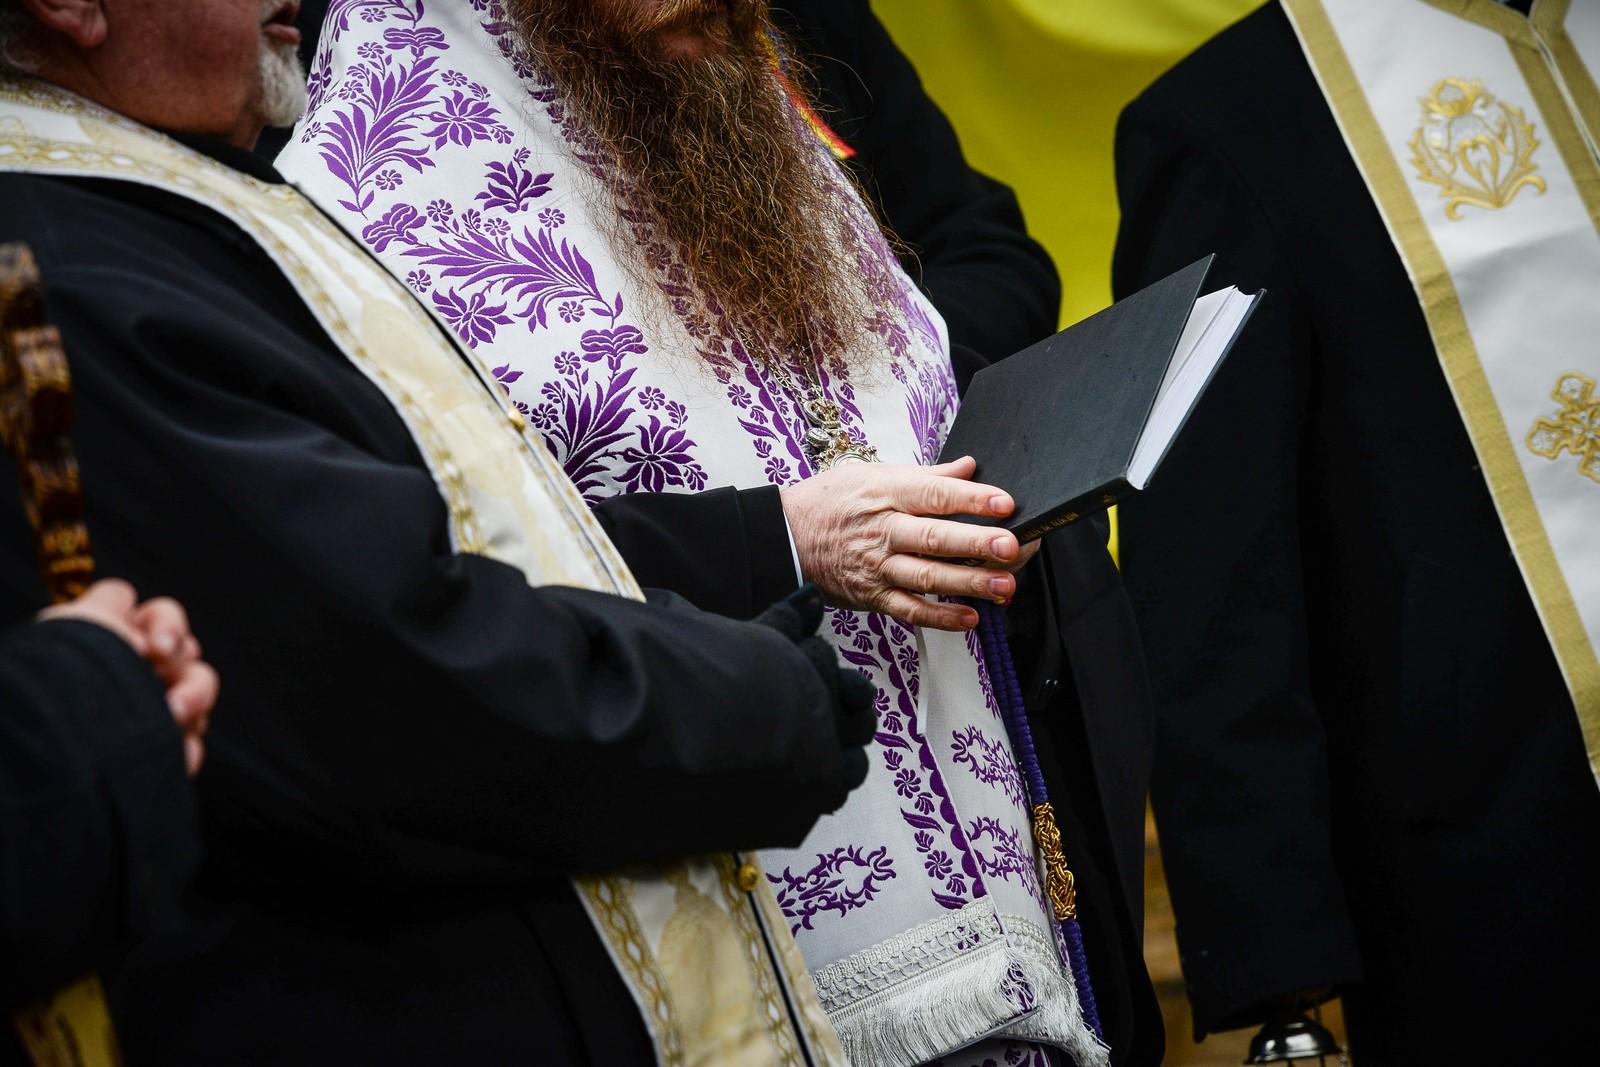 Decizie în BOR: Botezul nu se schimbă, copilul trebuie scufundat de trei ori, dar preoții se vor informa mult mai bine înainte